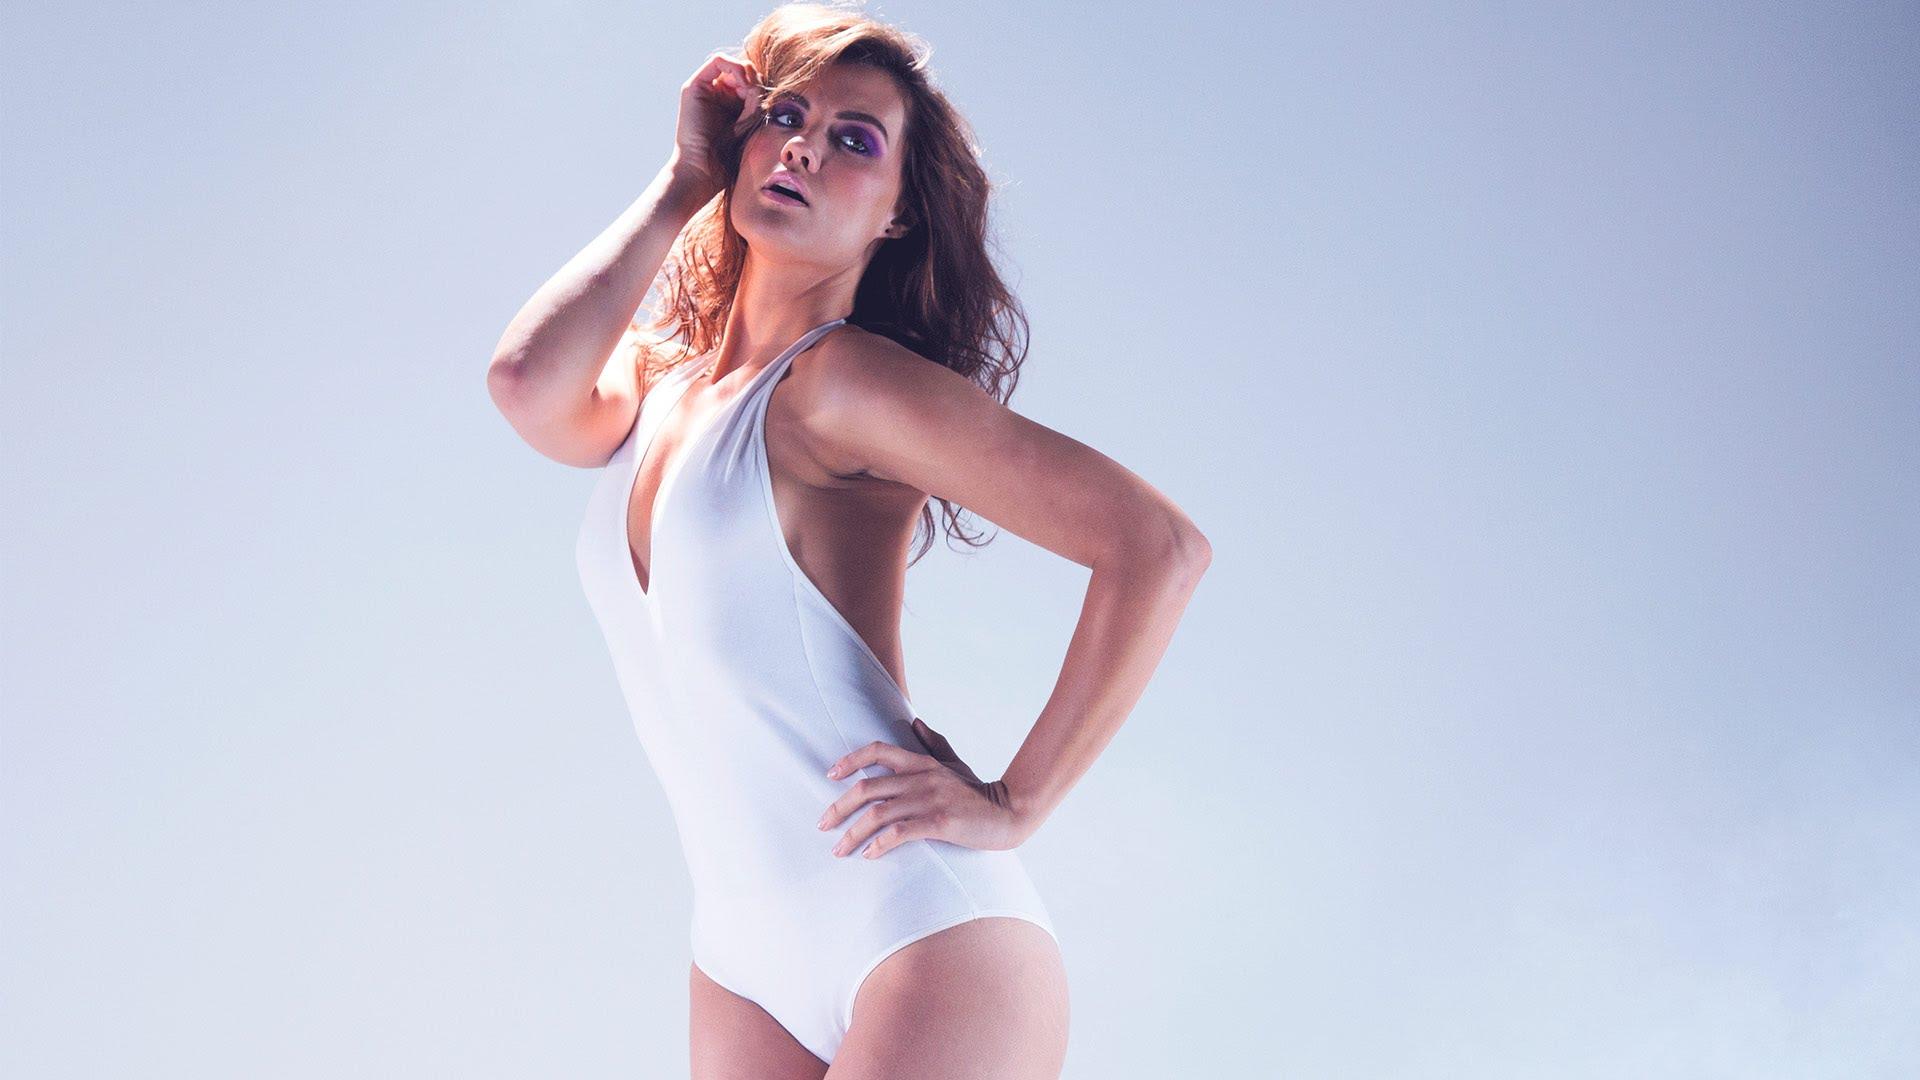 Стереотипите за красиво женско тяло през годините